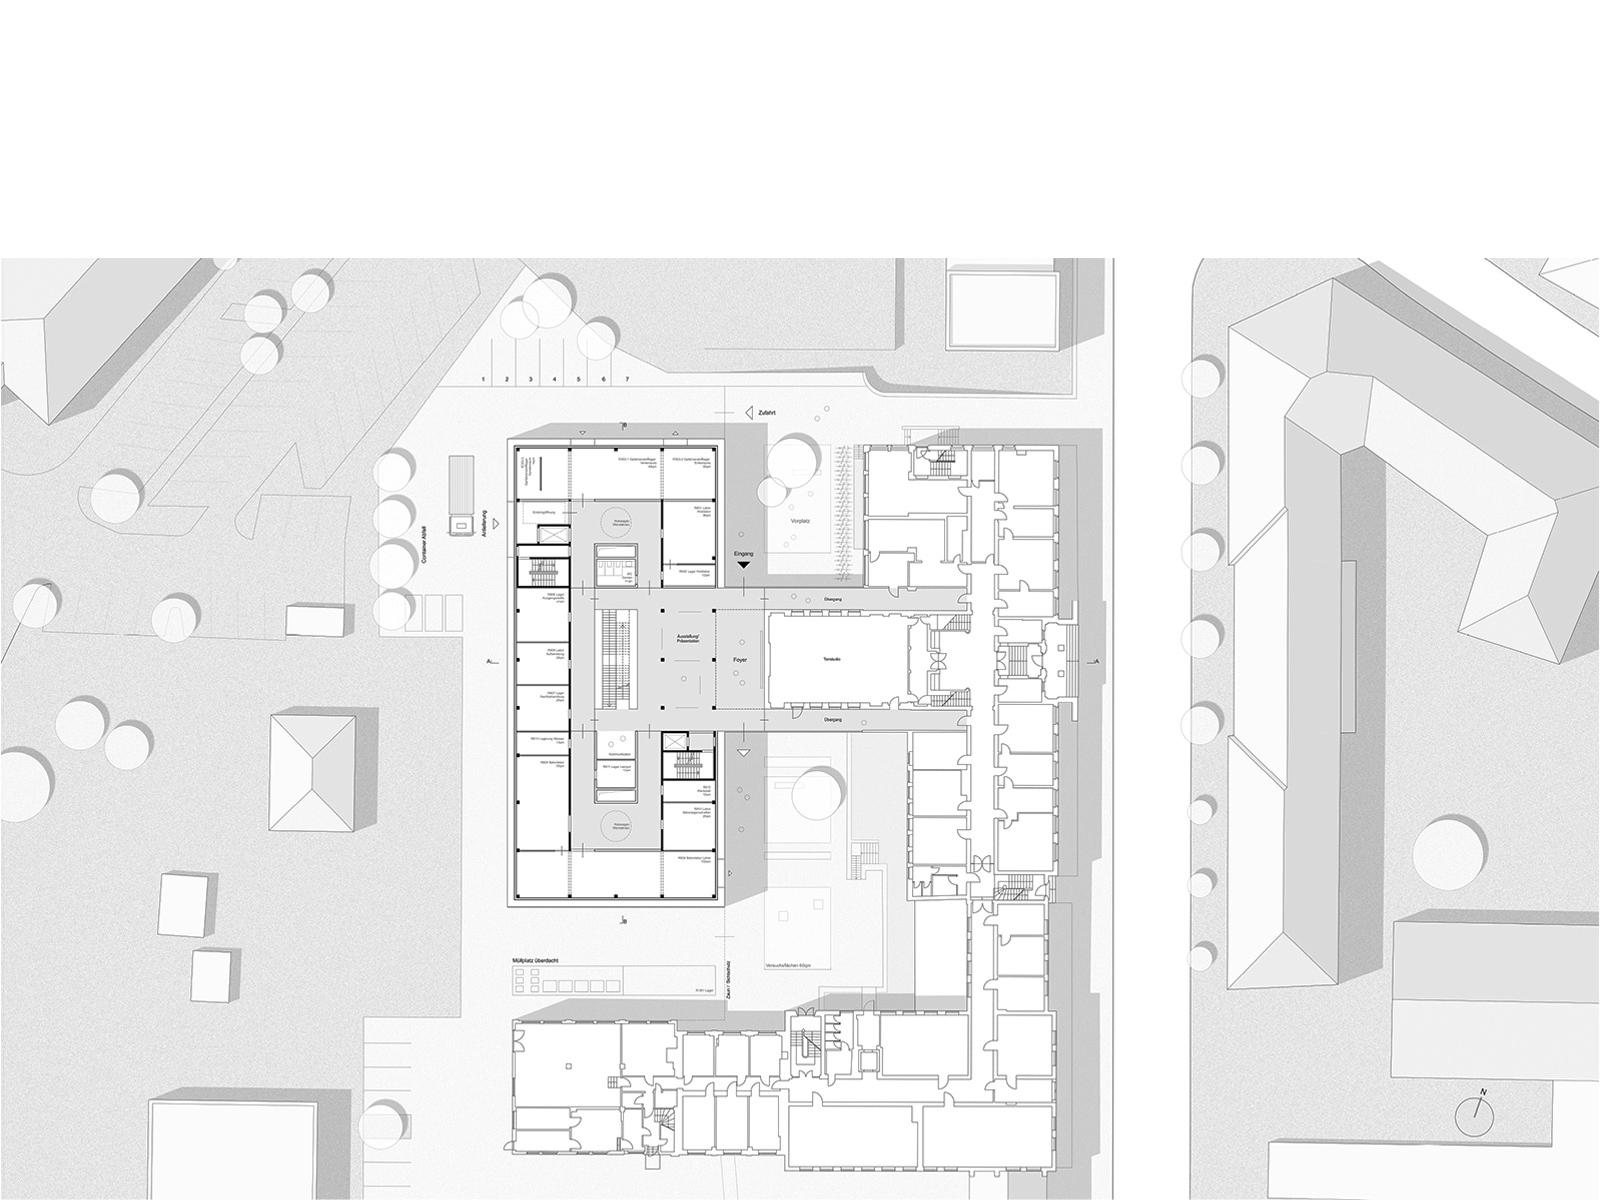 Neubau Laborgebäude Bauhaus Universität Weimar